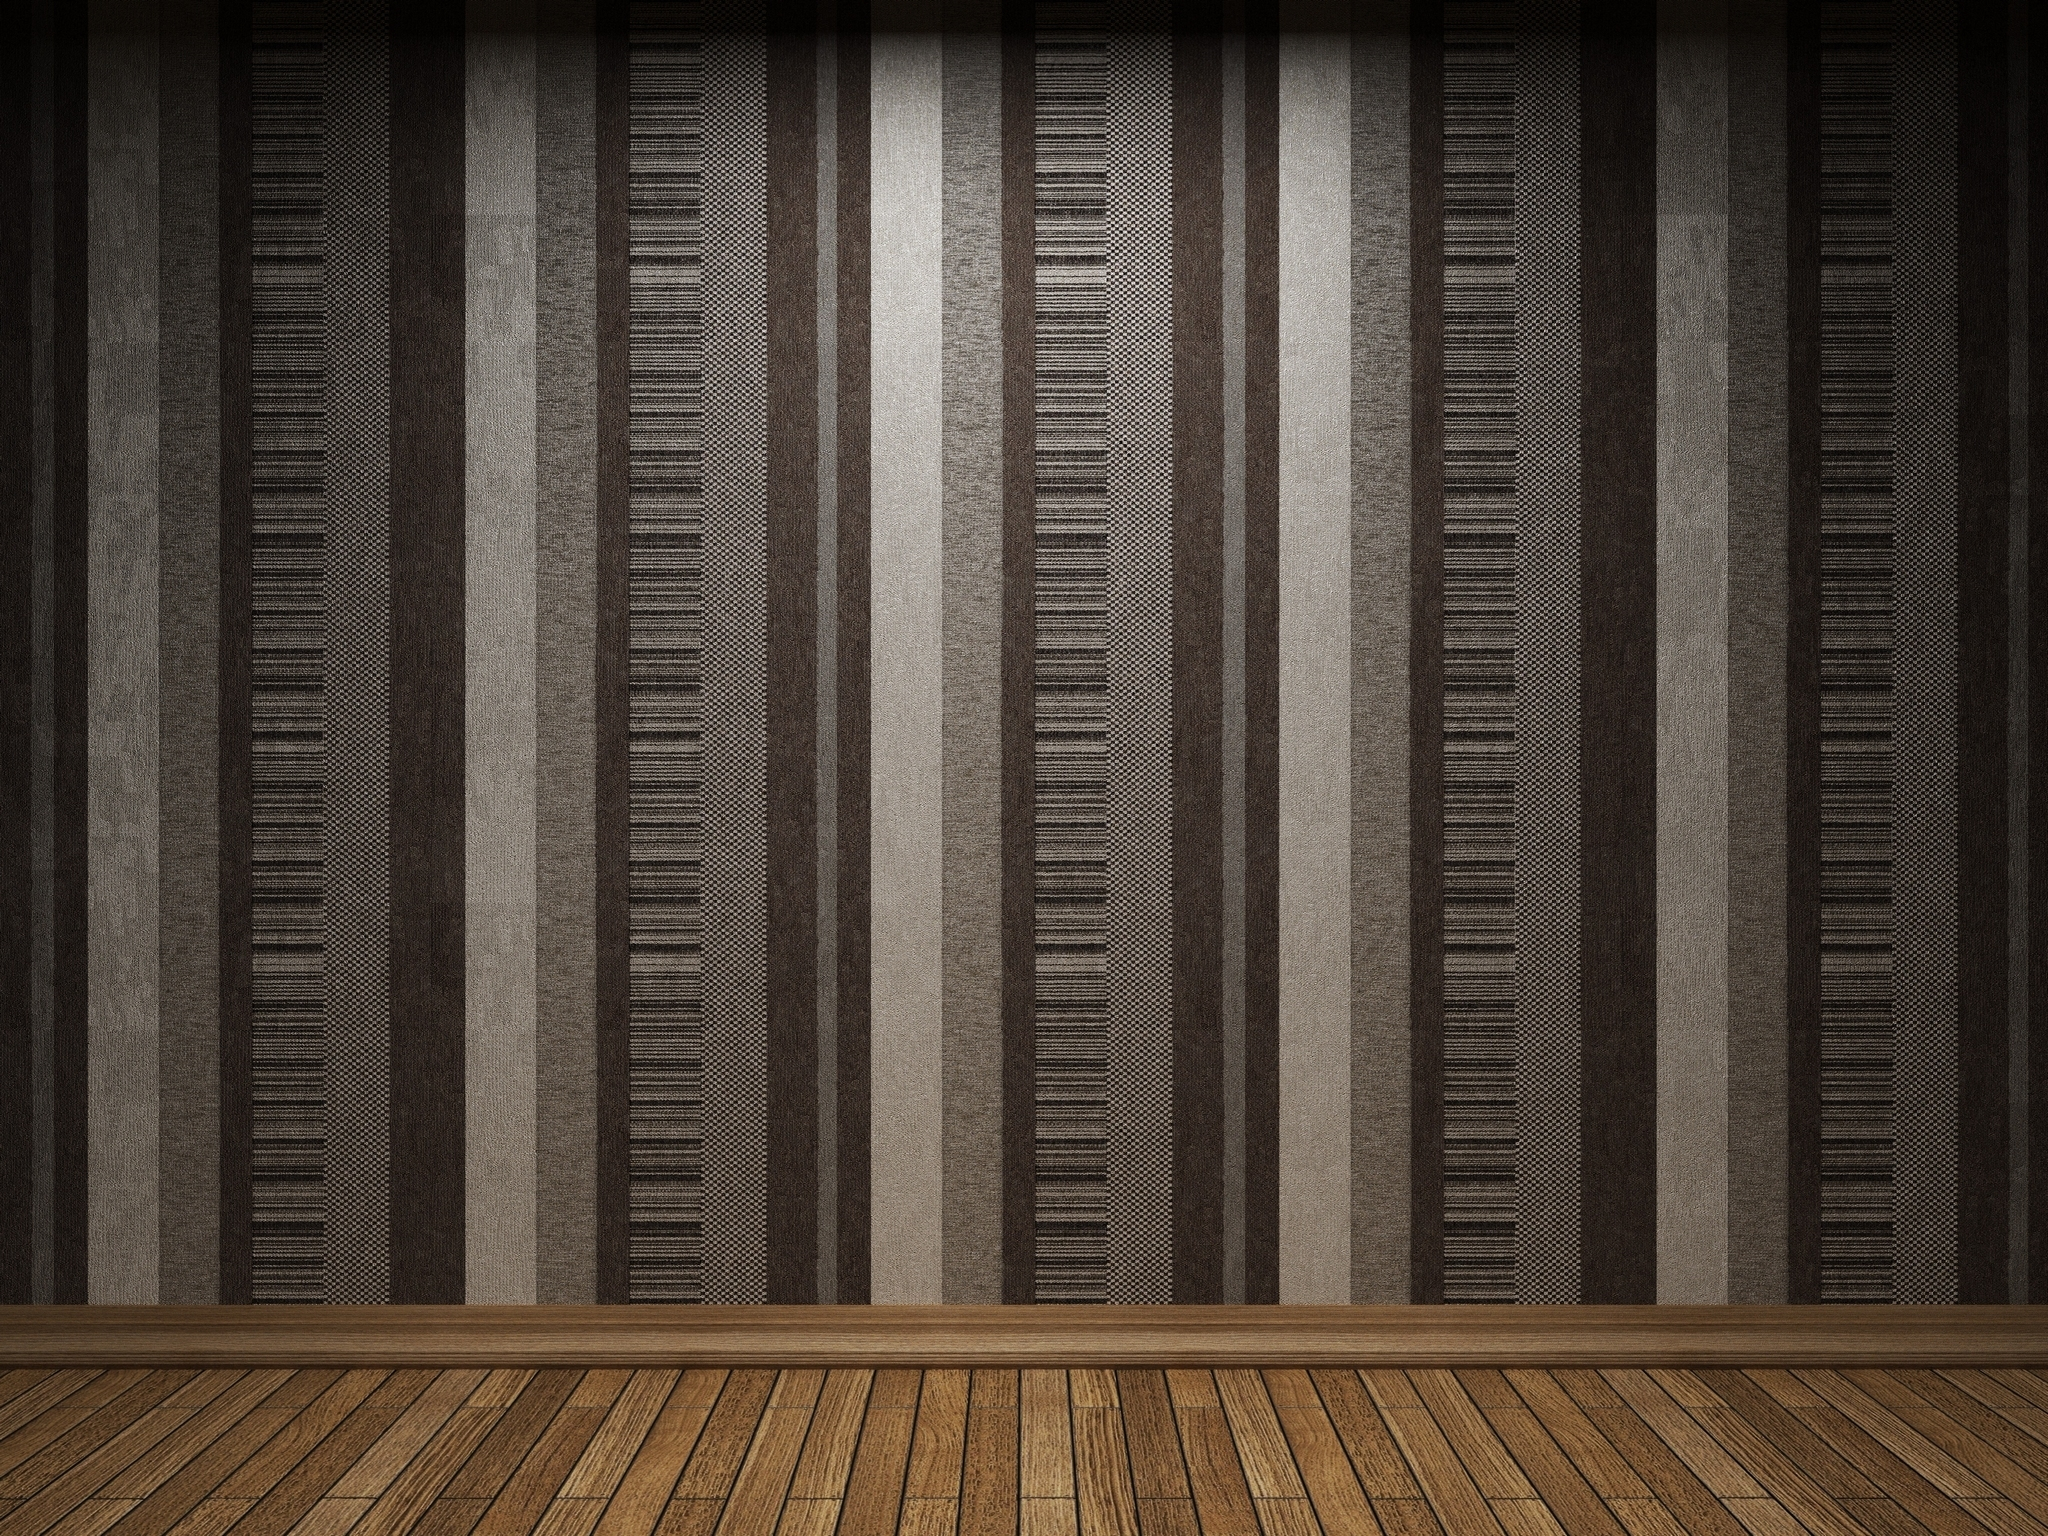 Elegant wall design   Designs Wallpaper 22687151 2048x1536